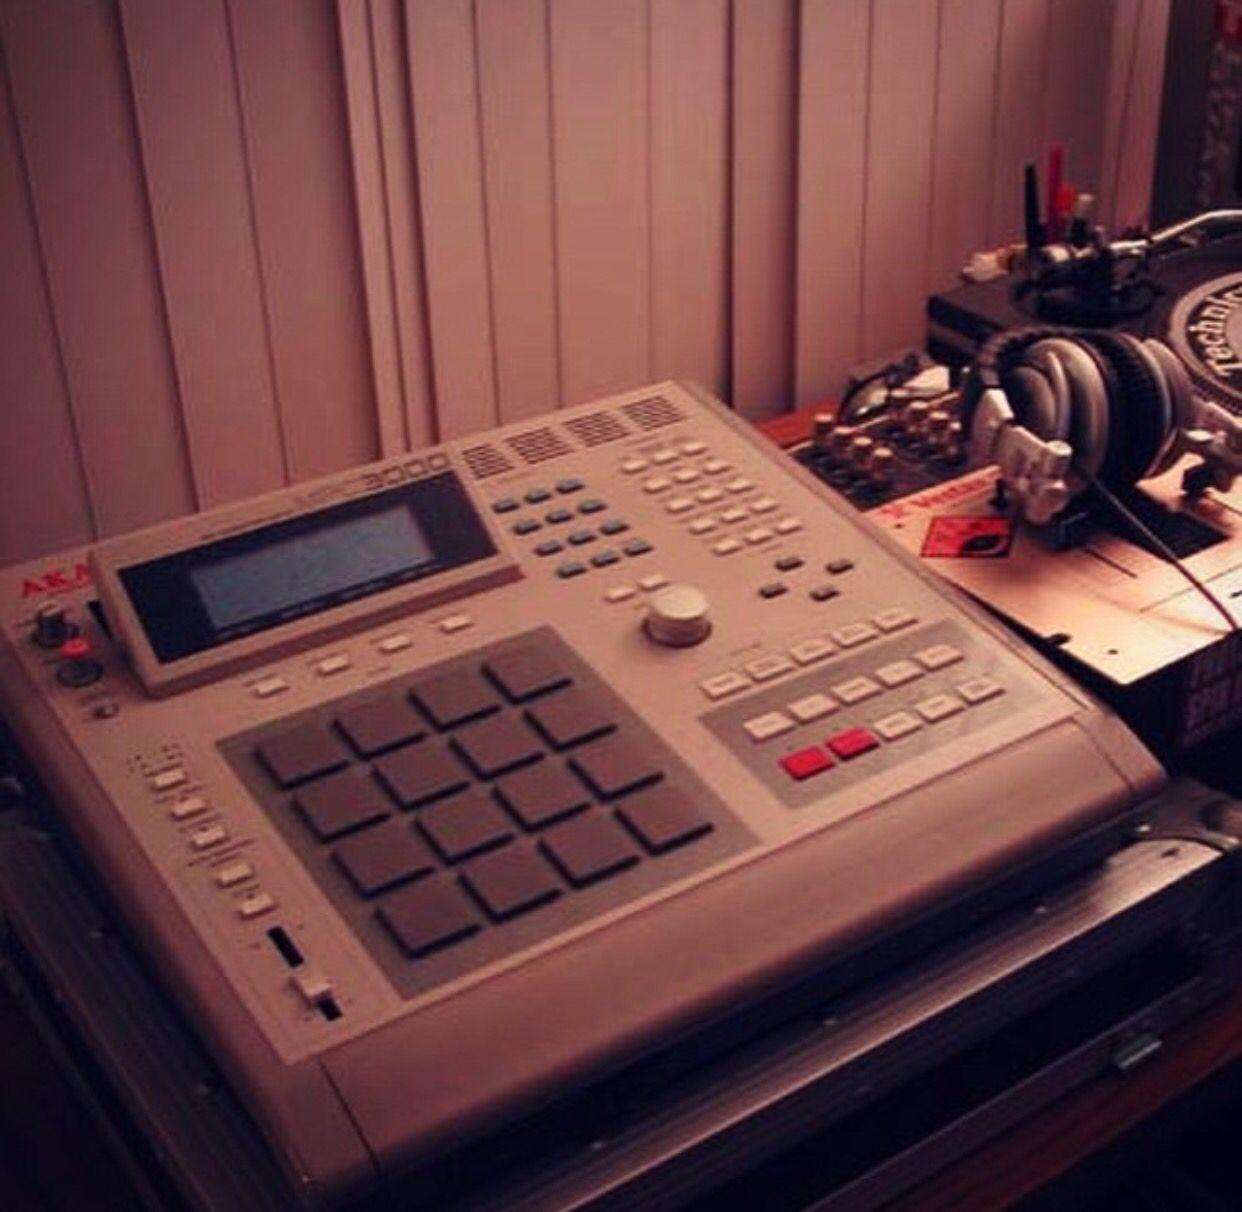 Akai Mpc 3000 Akai Recording Equipment Drum Machine